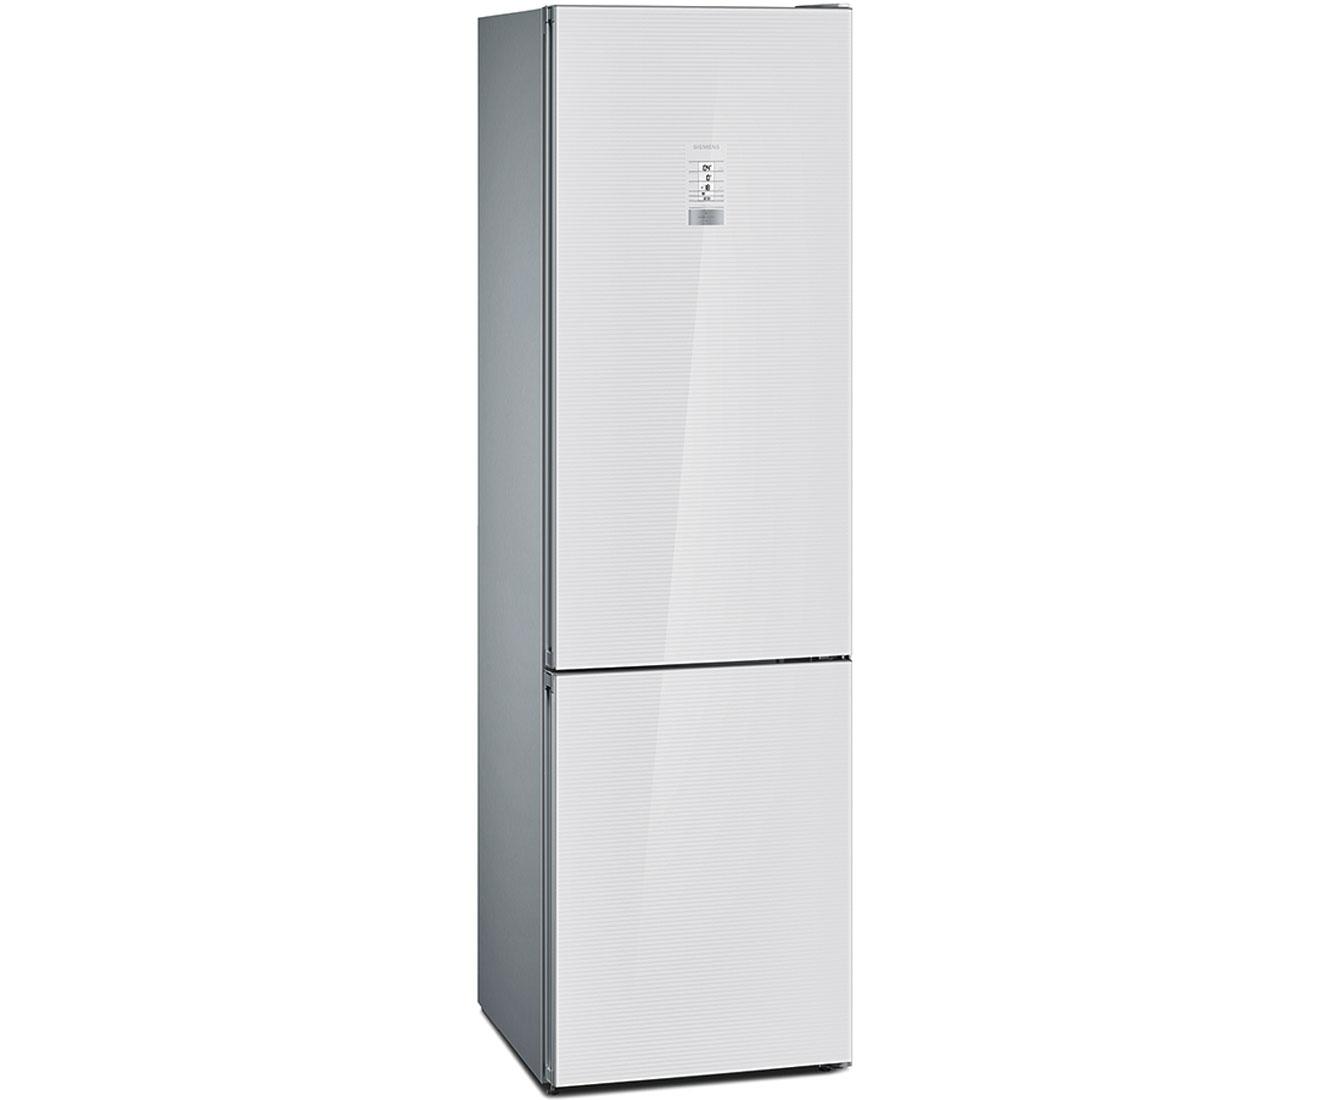 Siemens Kühlschrank Weiß : Siemens kühlschrank glasfront weiß bosch kühlschrank küchen